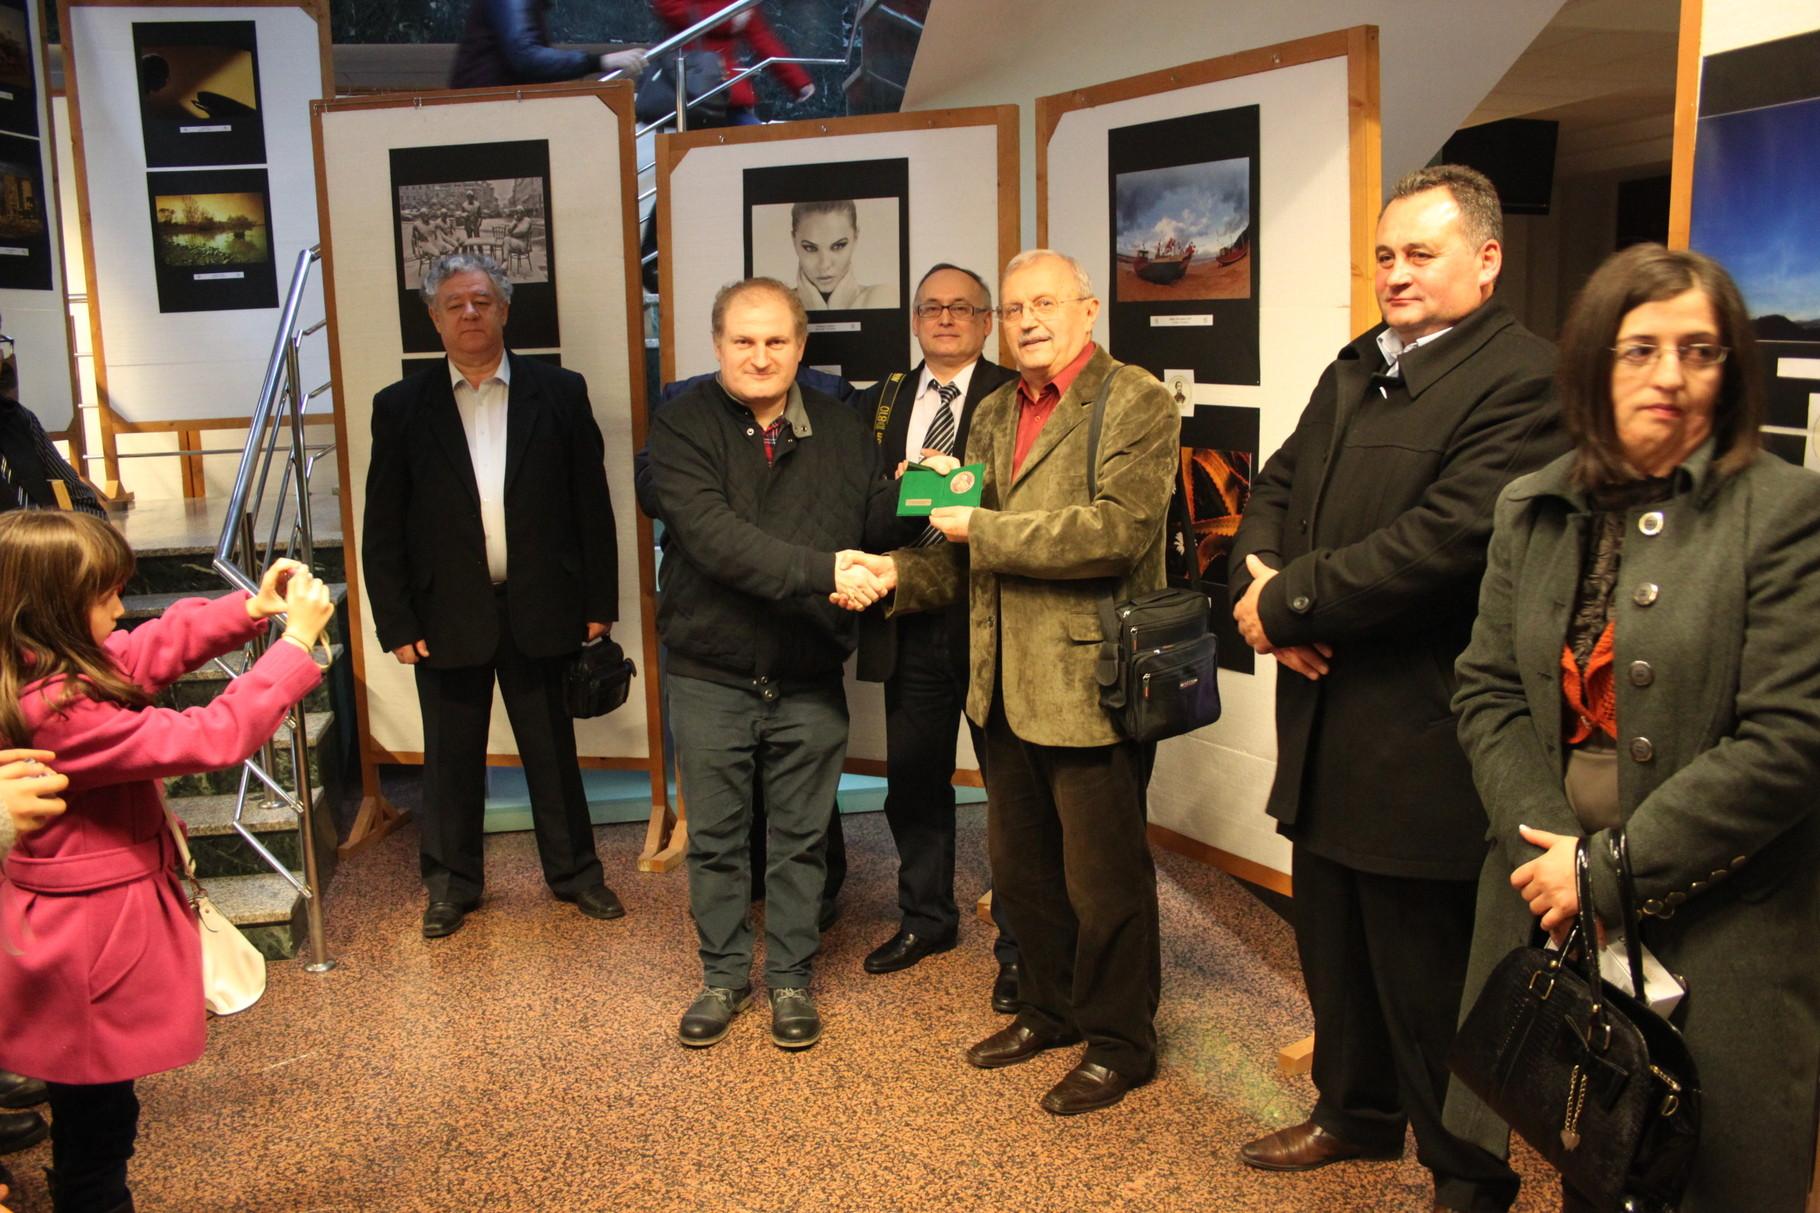 Foto: Kardos Tamás - Szolnok (HU)